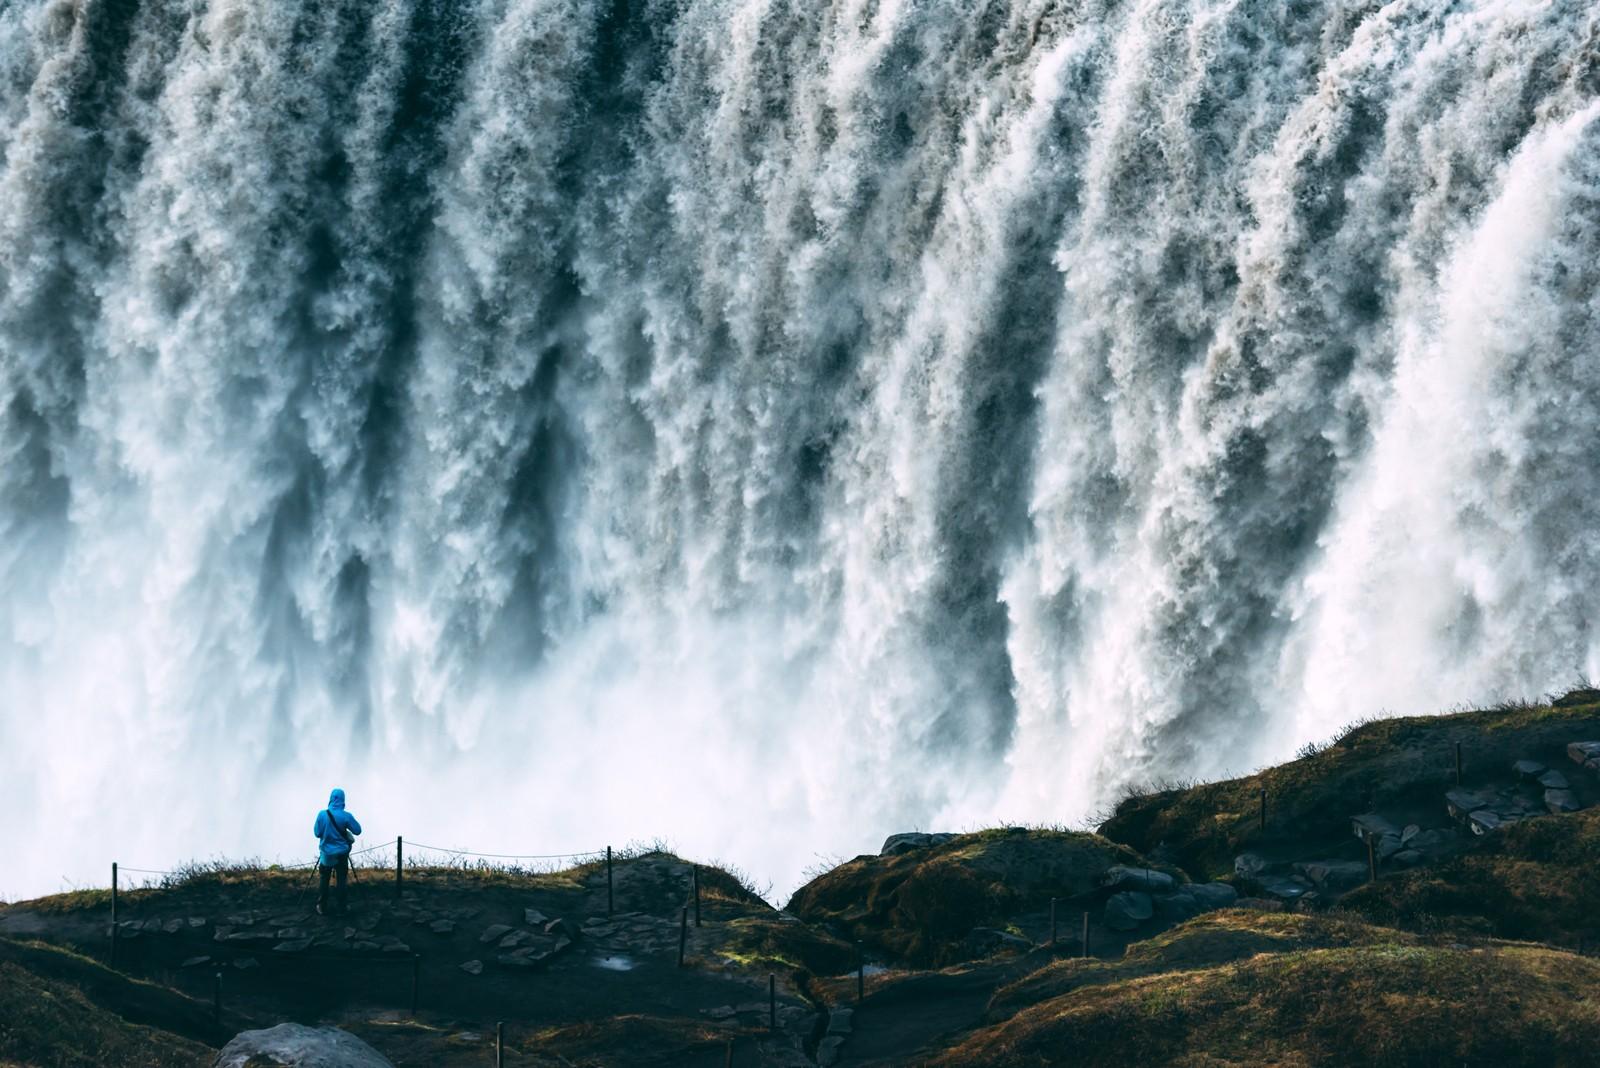 Onlooker admires the Dettifoss cascade